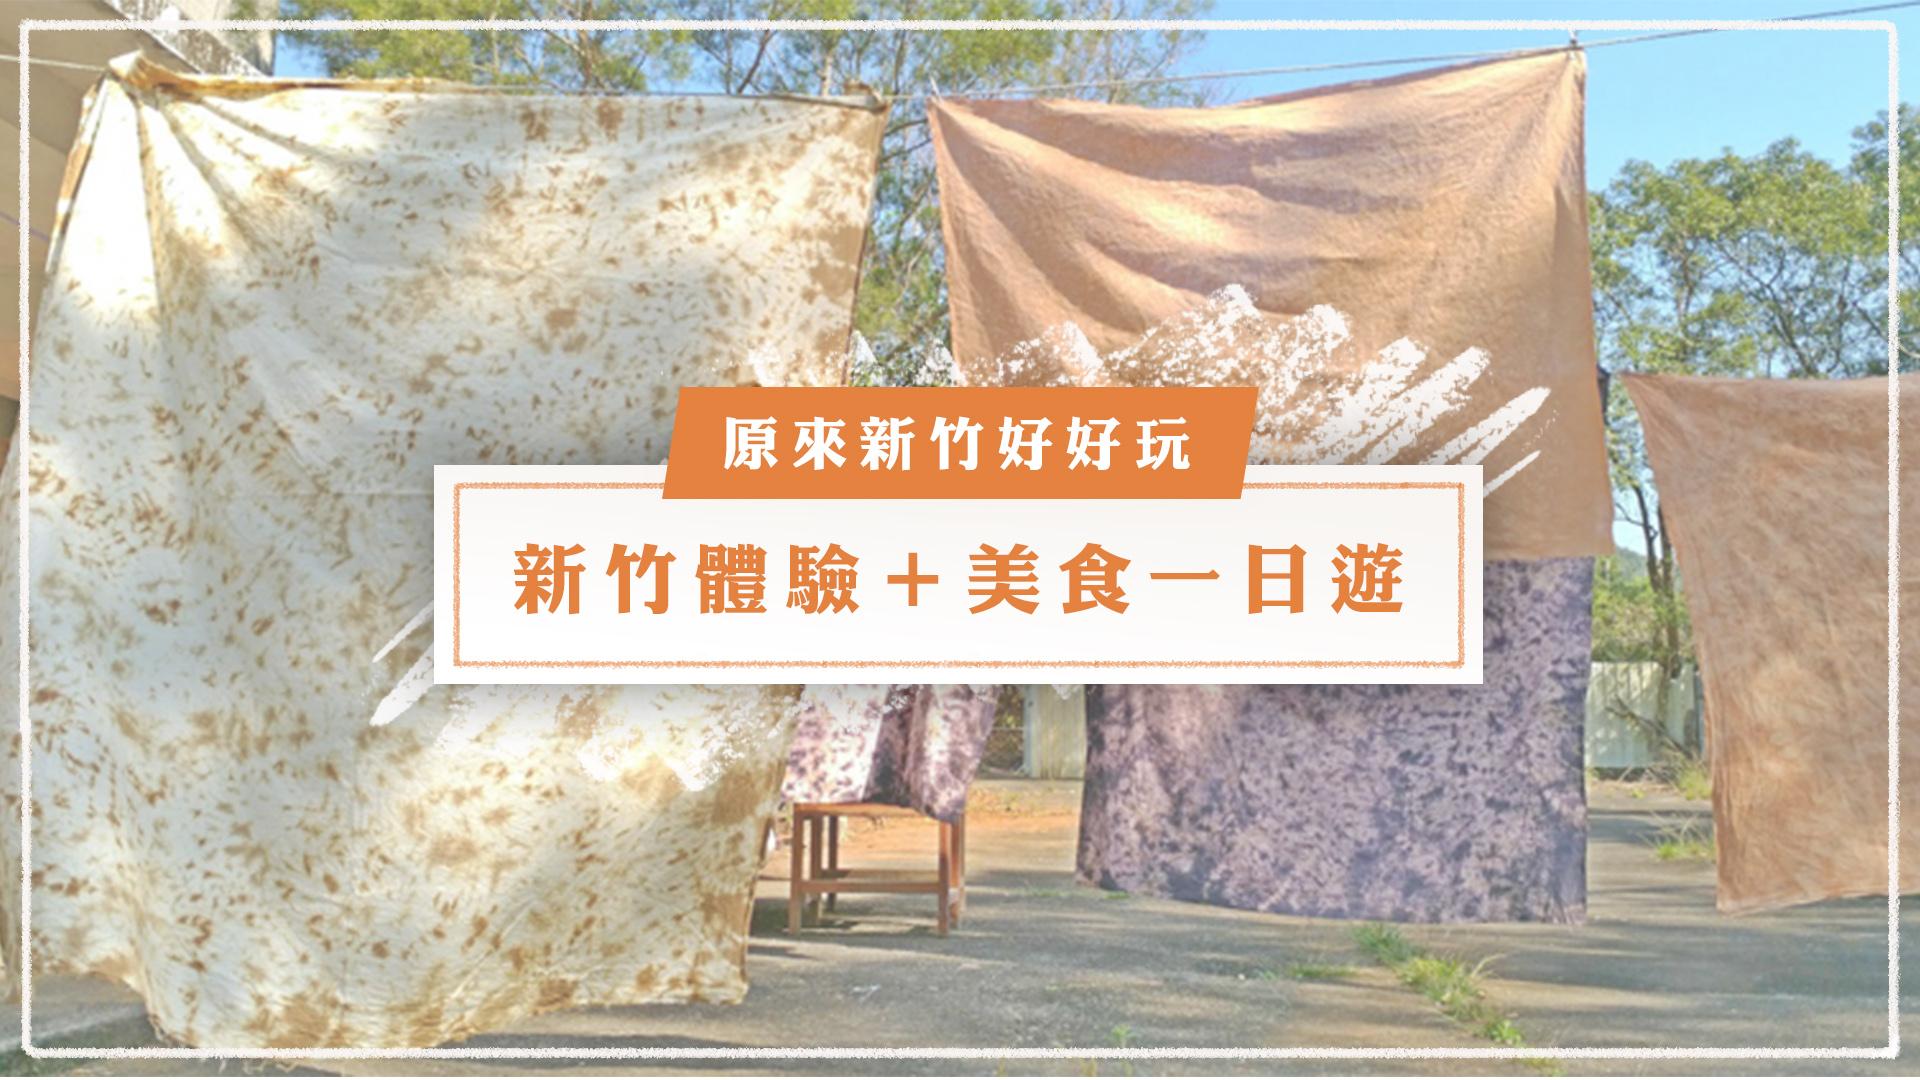 【新竹一日遊景點:好玩體驗&推薦美食】不要再說新竹好難玩!